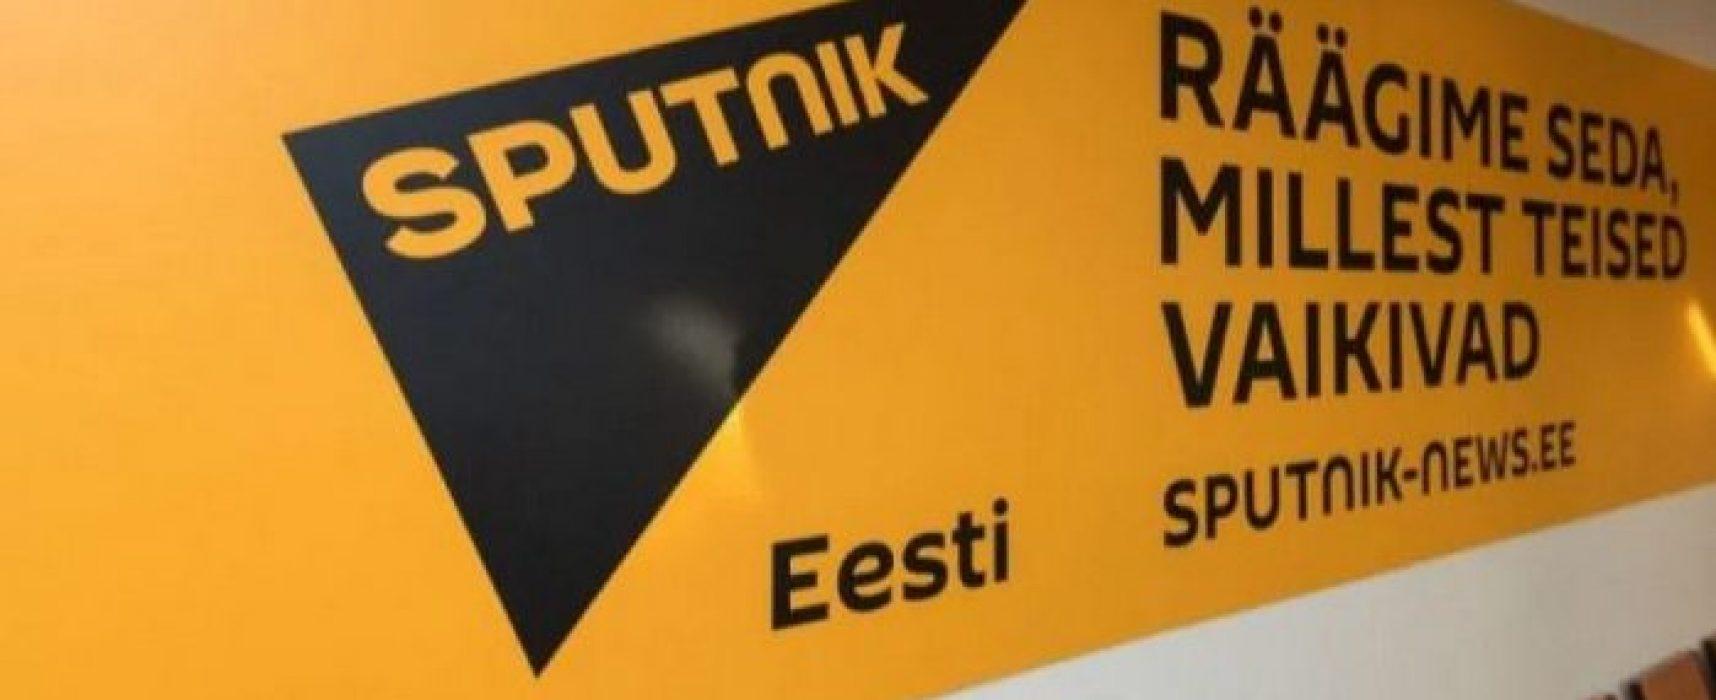 Российское пропагандистское агентство Sputnik прекращает деятельность в Эстонии